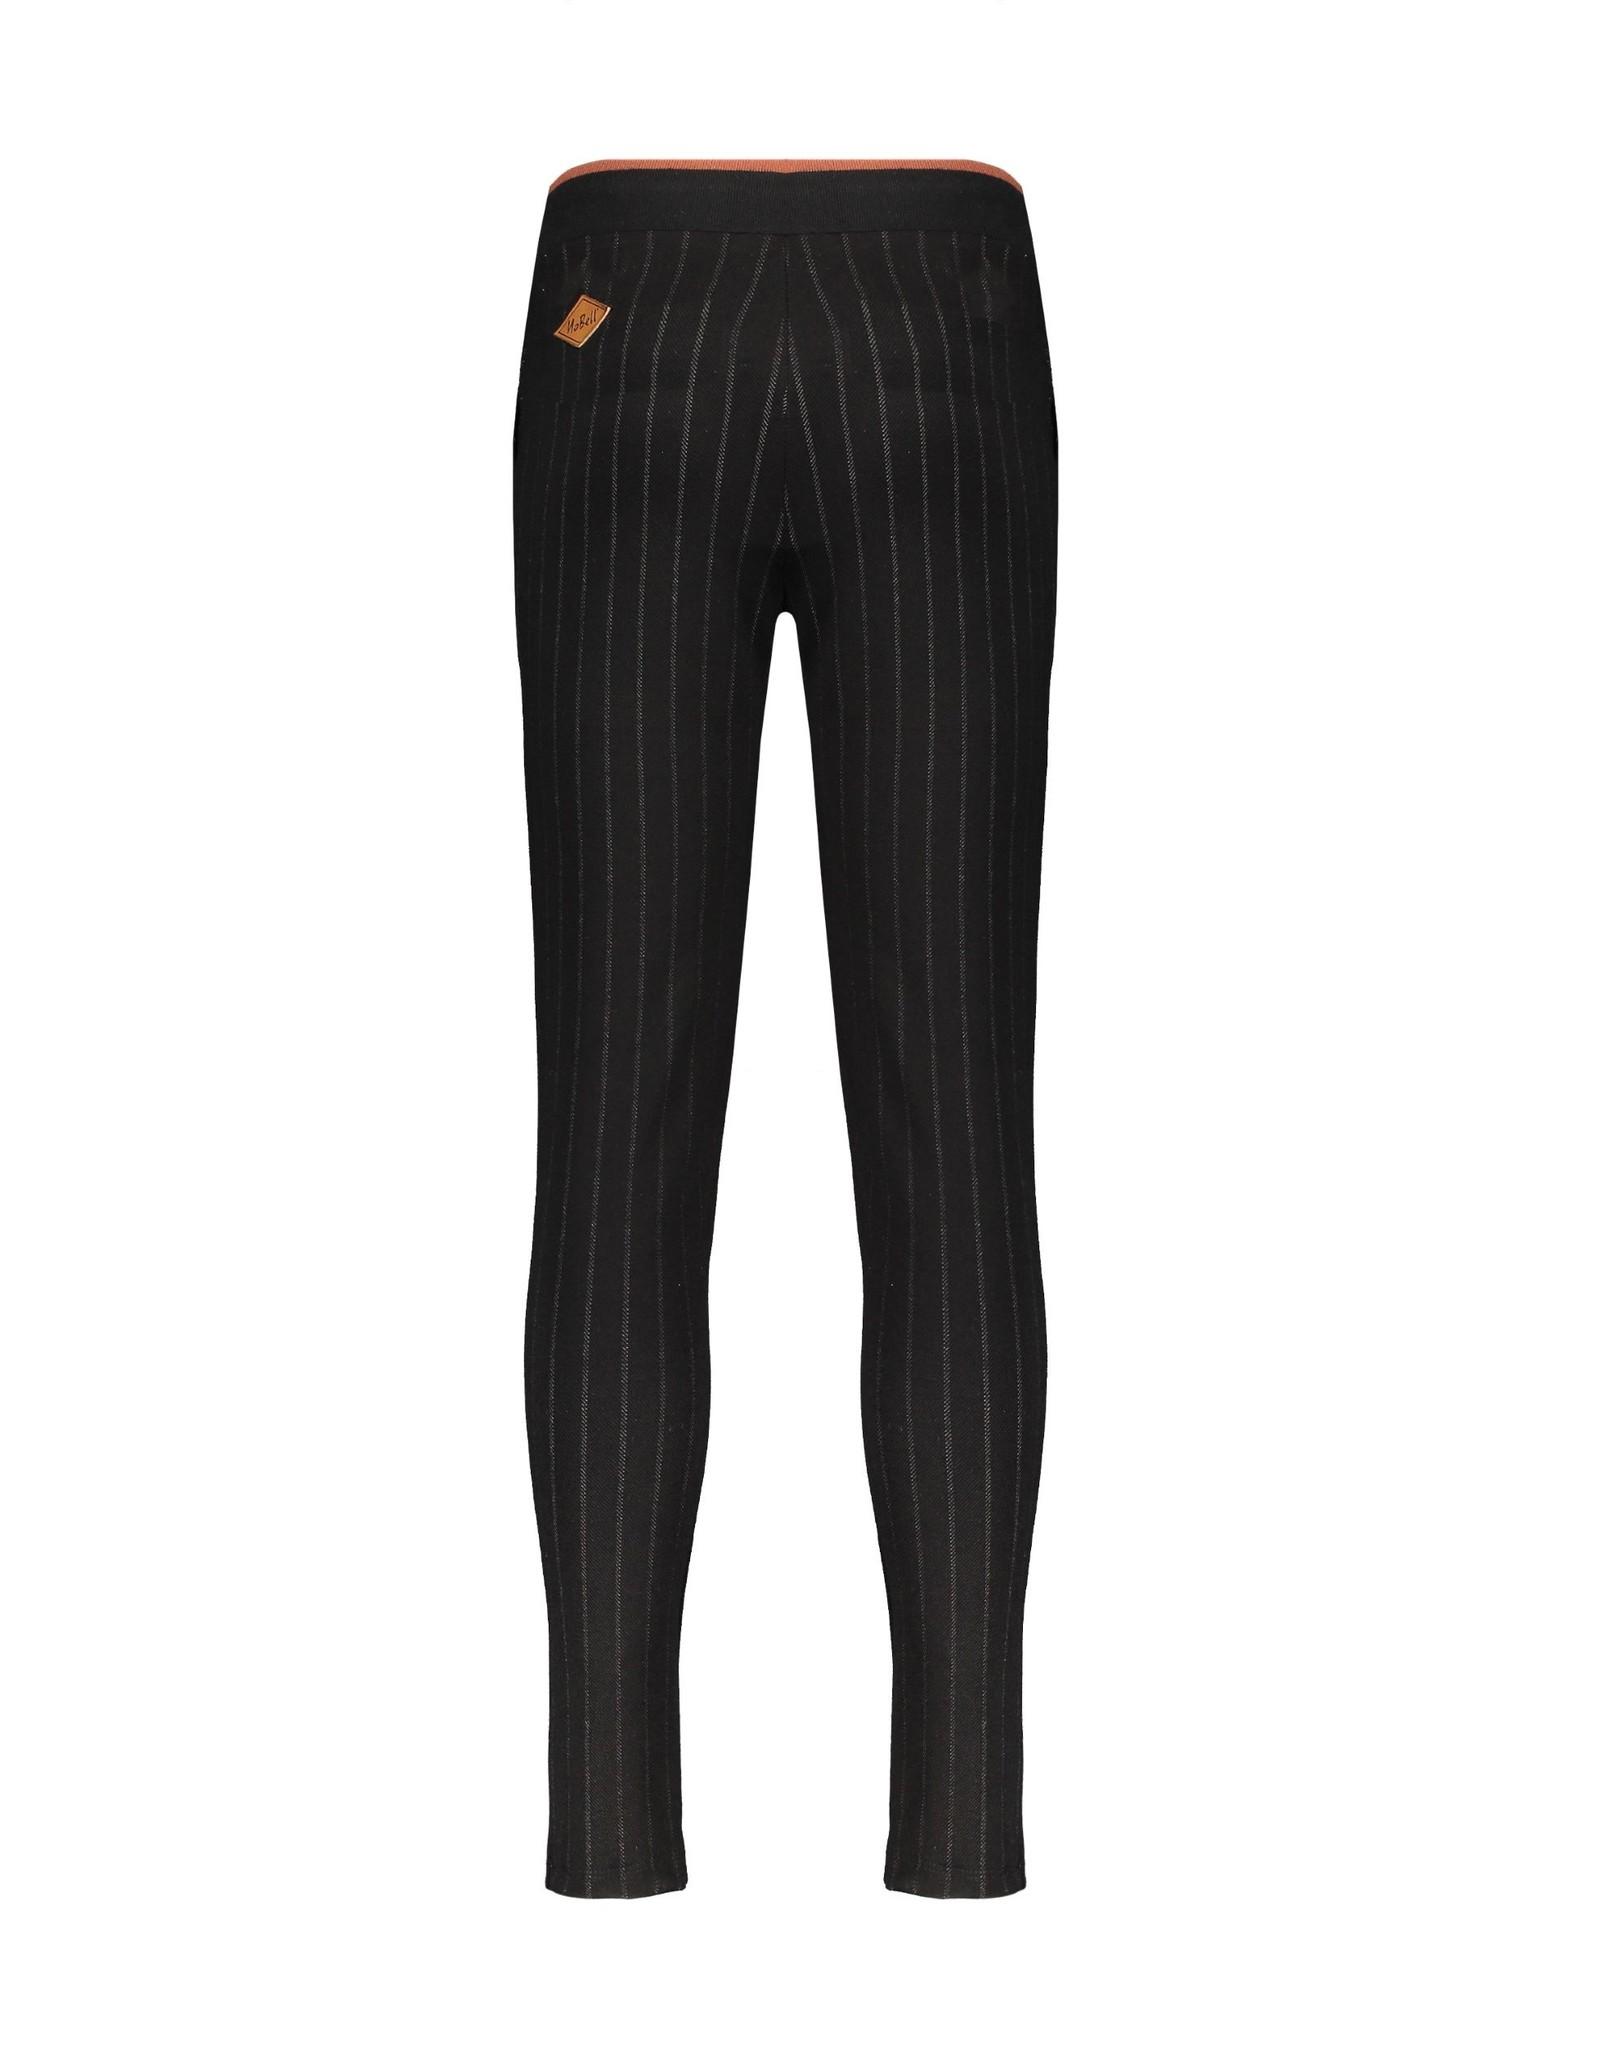 NoBell NoBell pants 3604 jet black